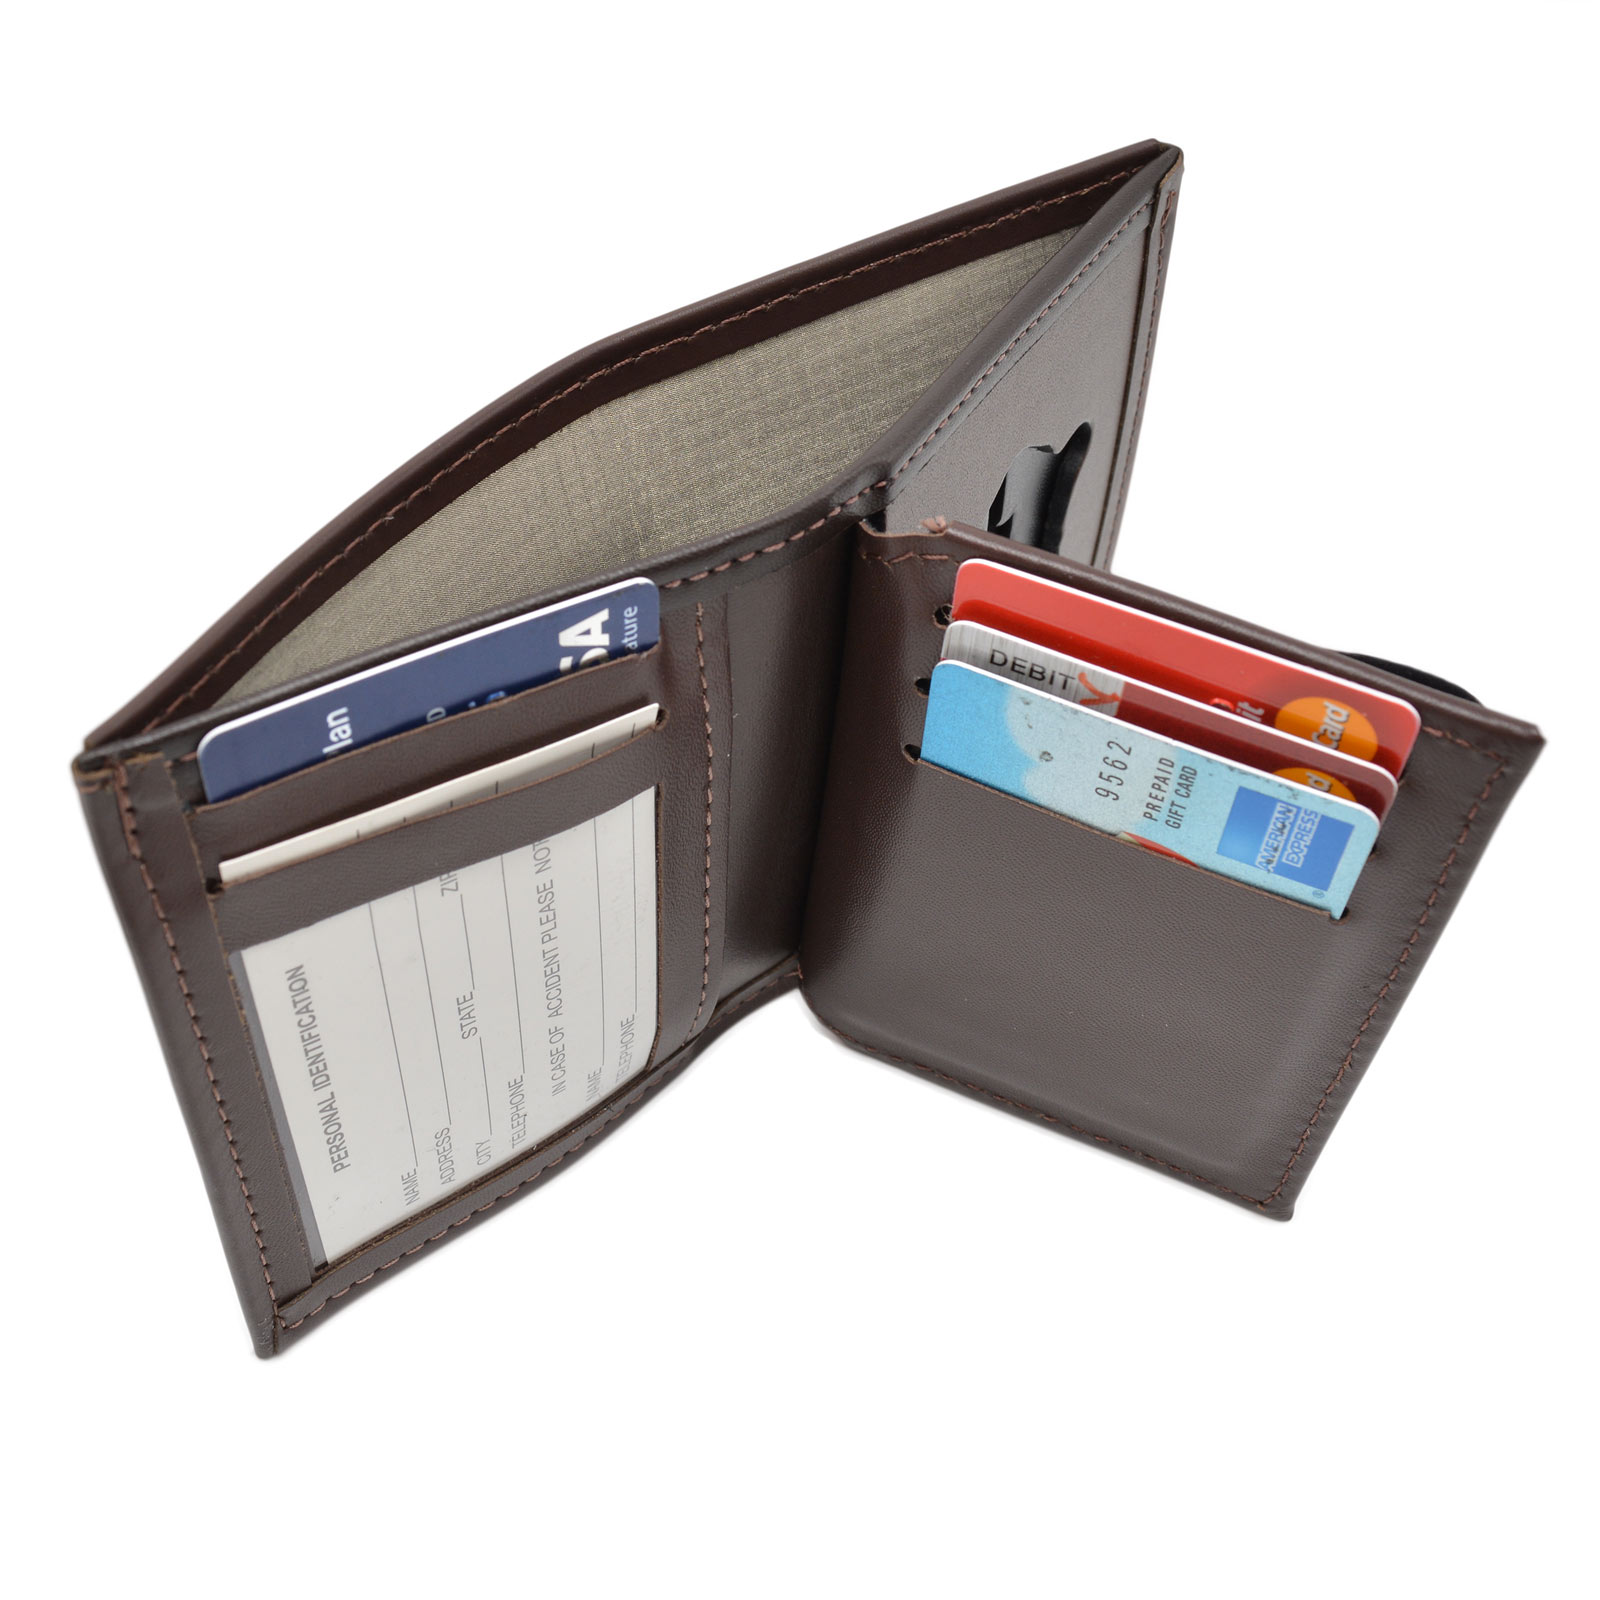 pf-104-rfid-lined-wallet-cards.jpg